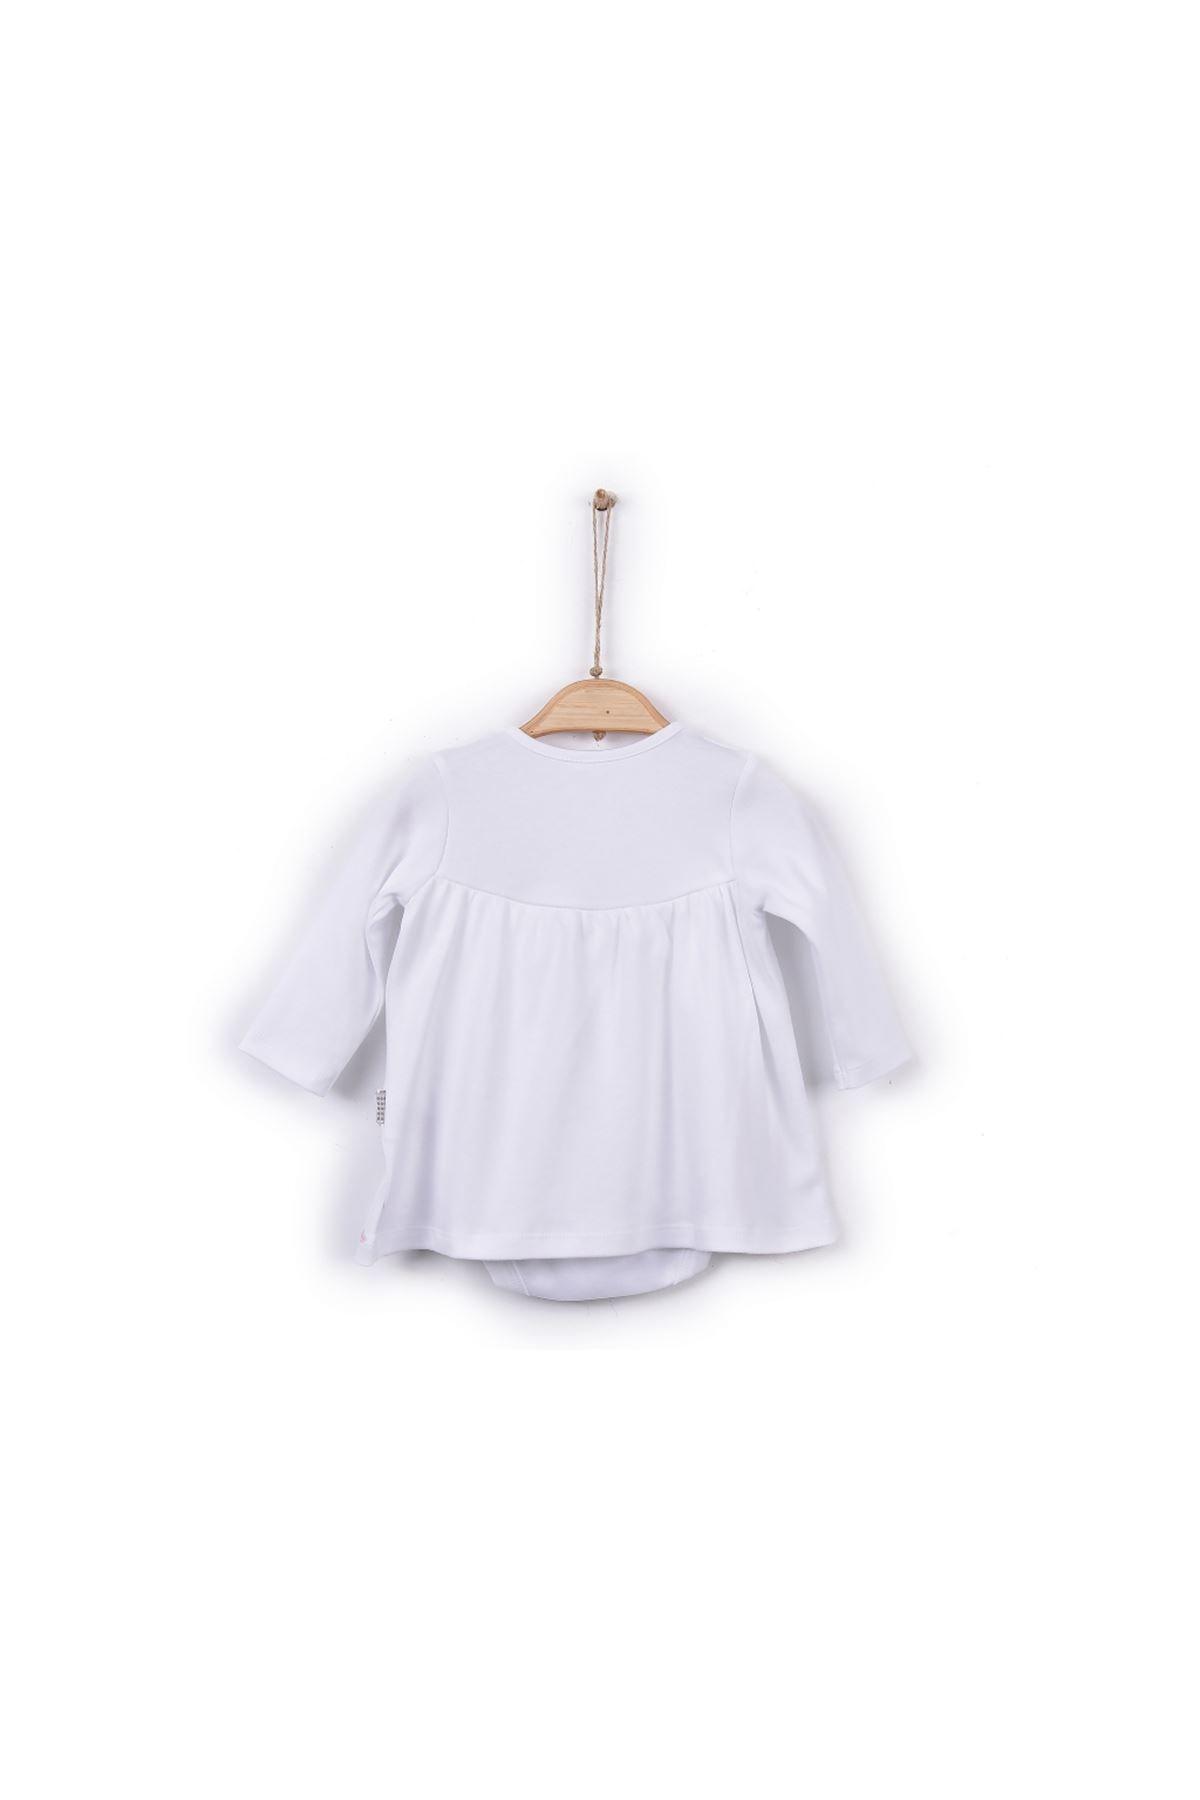 kitikate S30068 Kız Bebe Organik Dreams Jile Body - Çoraplı Beyaz 2